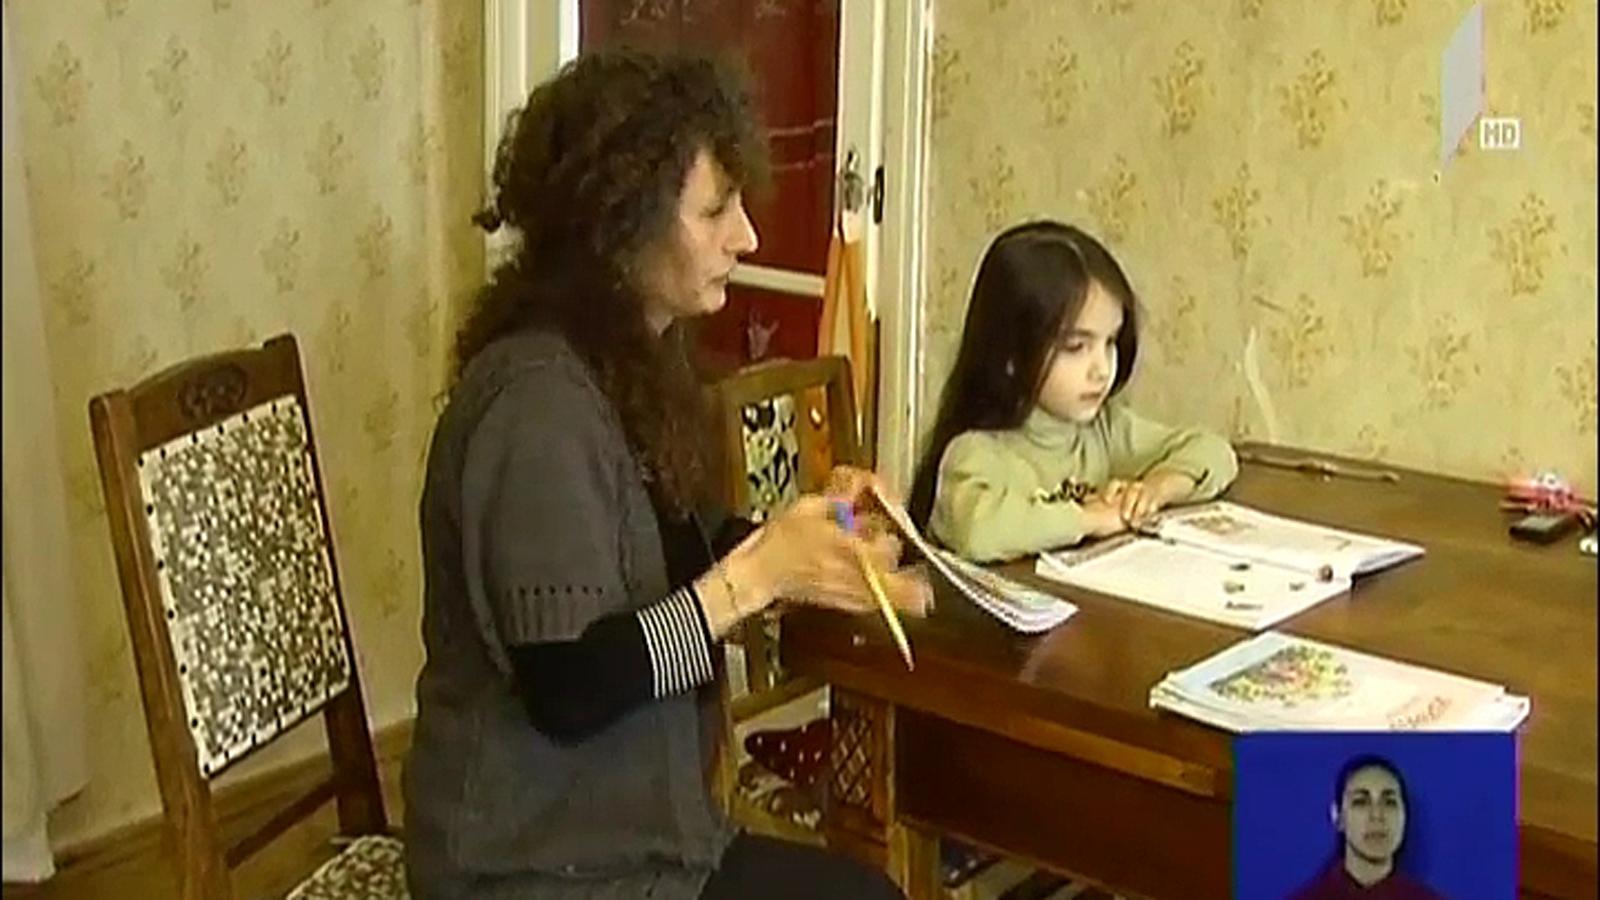 მარტოხელა დედის სტატუსის მქონე ქალები სახელმწიფოს დახმარებას სთხოვენ